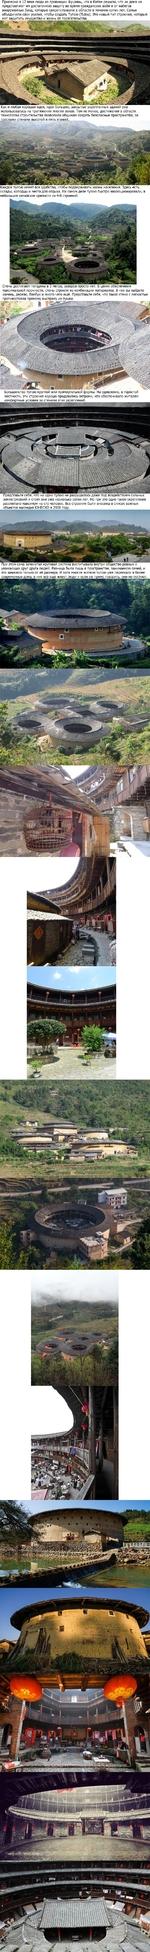 Примерно в 12 веке люди из провинции Фуцзянь, что в Китае решили, что их дома не представляют им достаточную защиту во время гражданских войн и от набегов вооруженных банд, которые свирепствовали в области в течение сотен лет. Семьи объединили свои усилия, чтобы создать Тулою (Ти1ои). Это новый тип